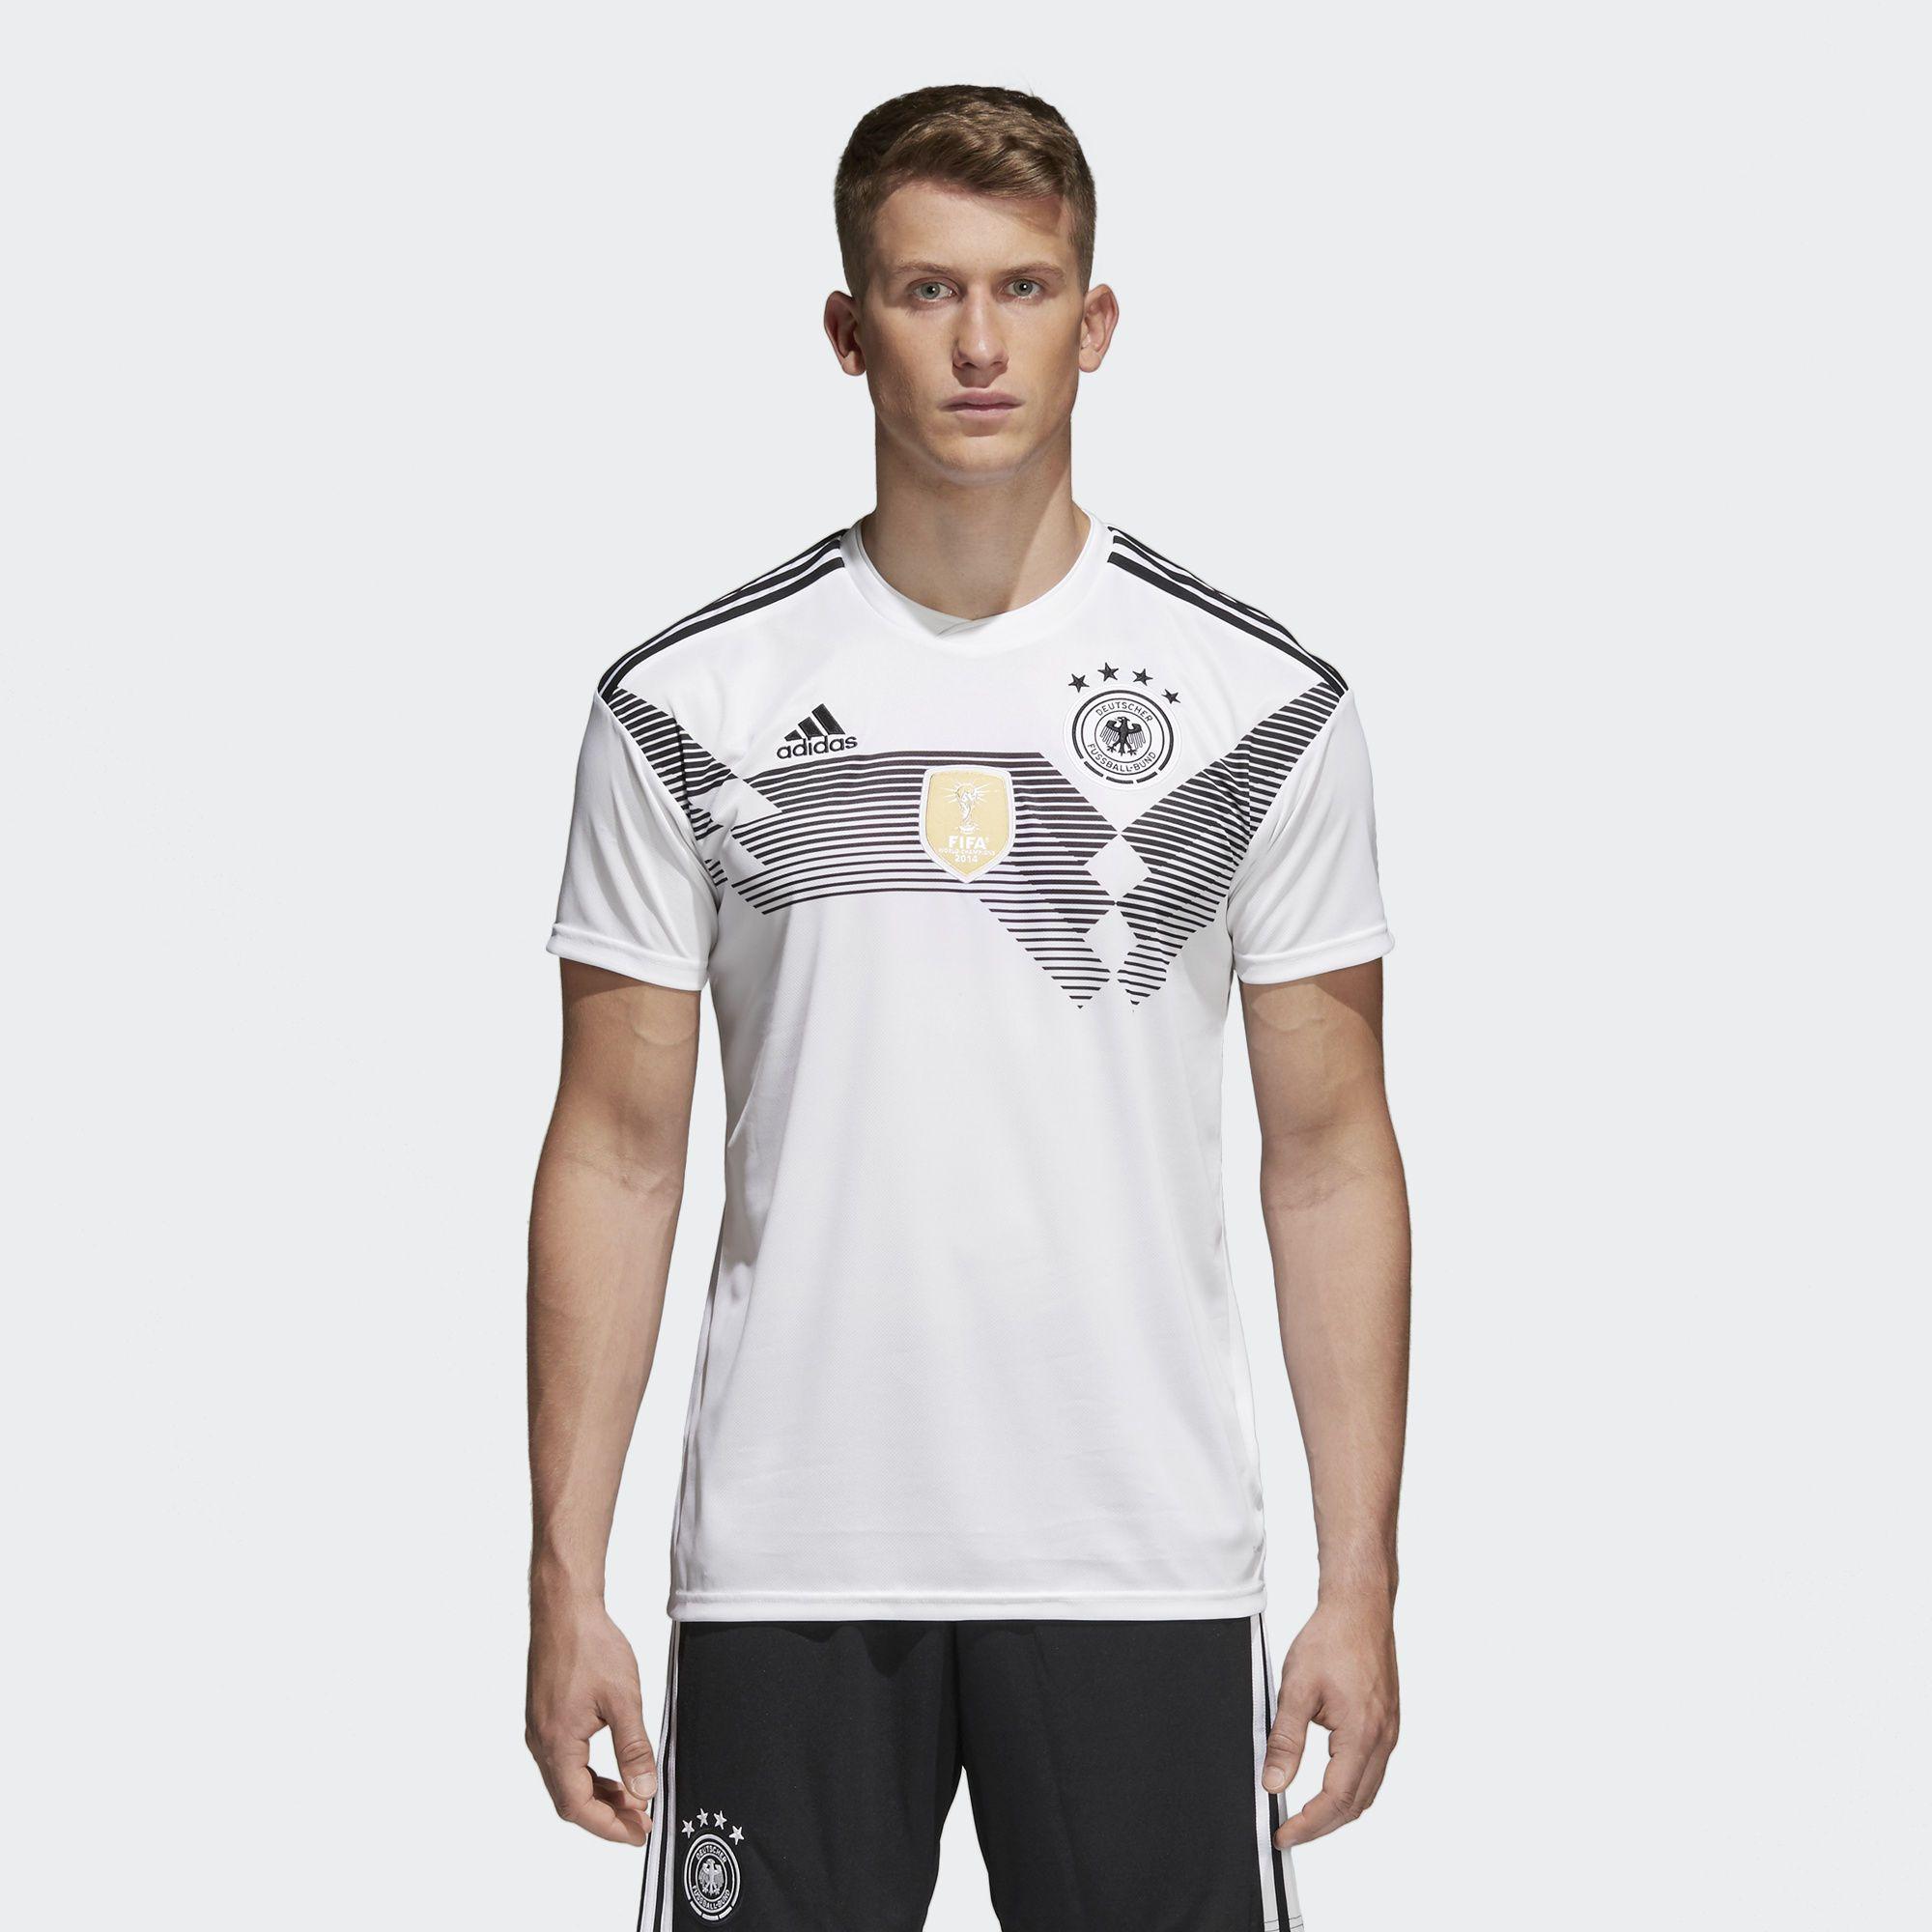 Camiseta Oficial Selección de Alemania Local 2018 - Blanco en adidas.co!  Descubre todos los estilos y colores disponibles en la tienda adidas online  en ... cf33b9933dc